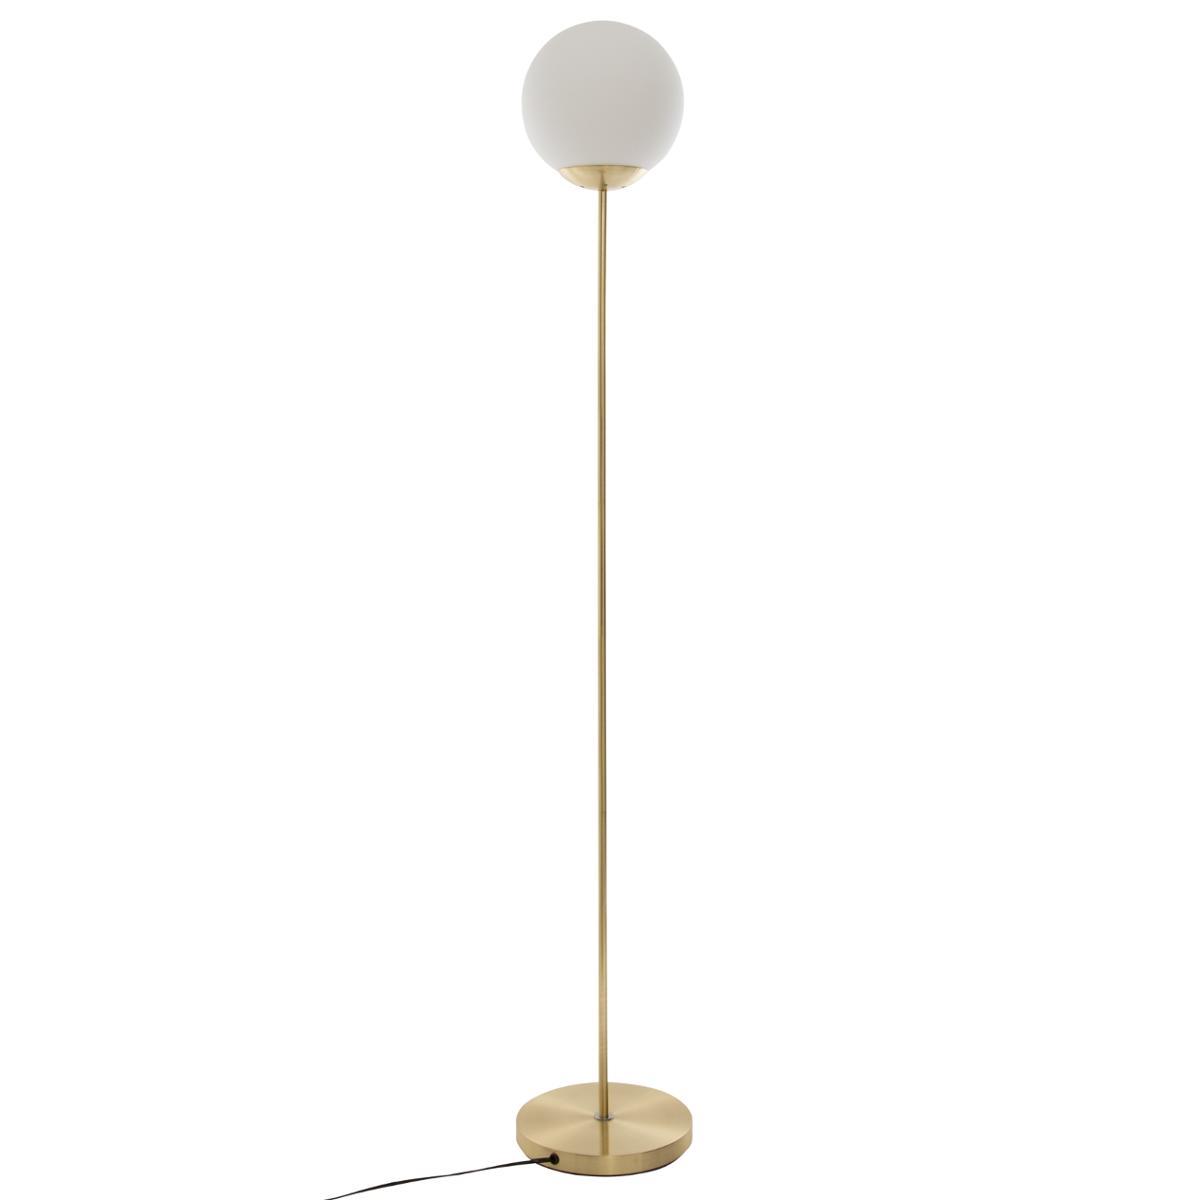 Lampadaire Boule Dris - Atmosphera